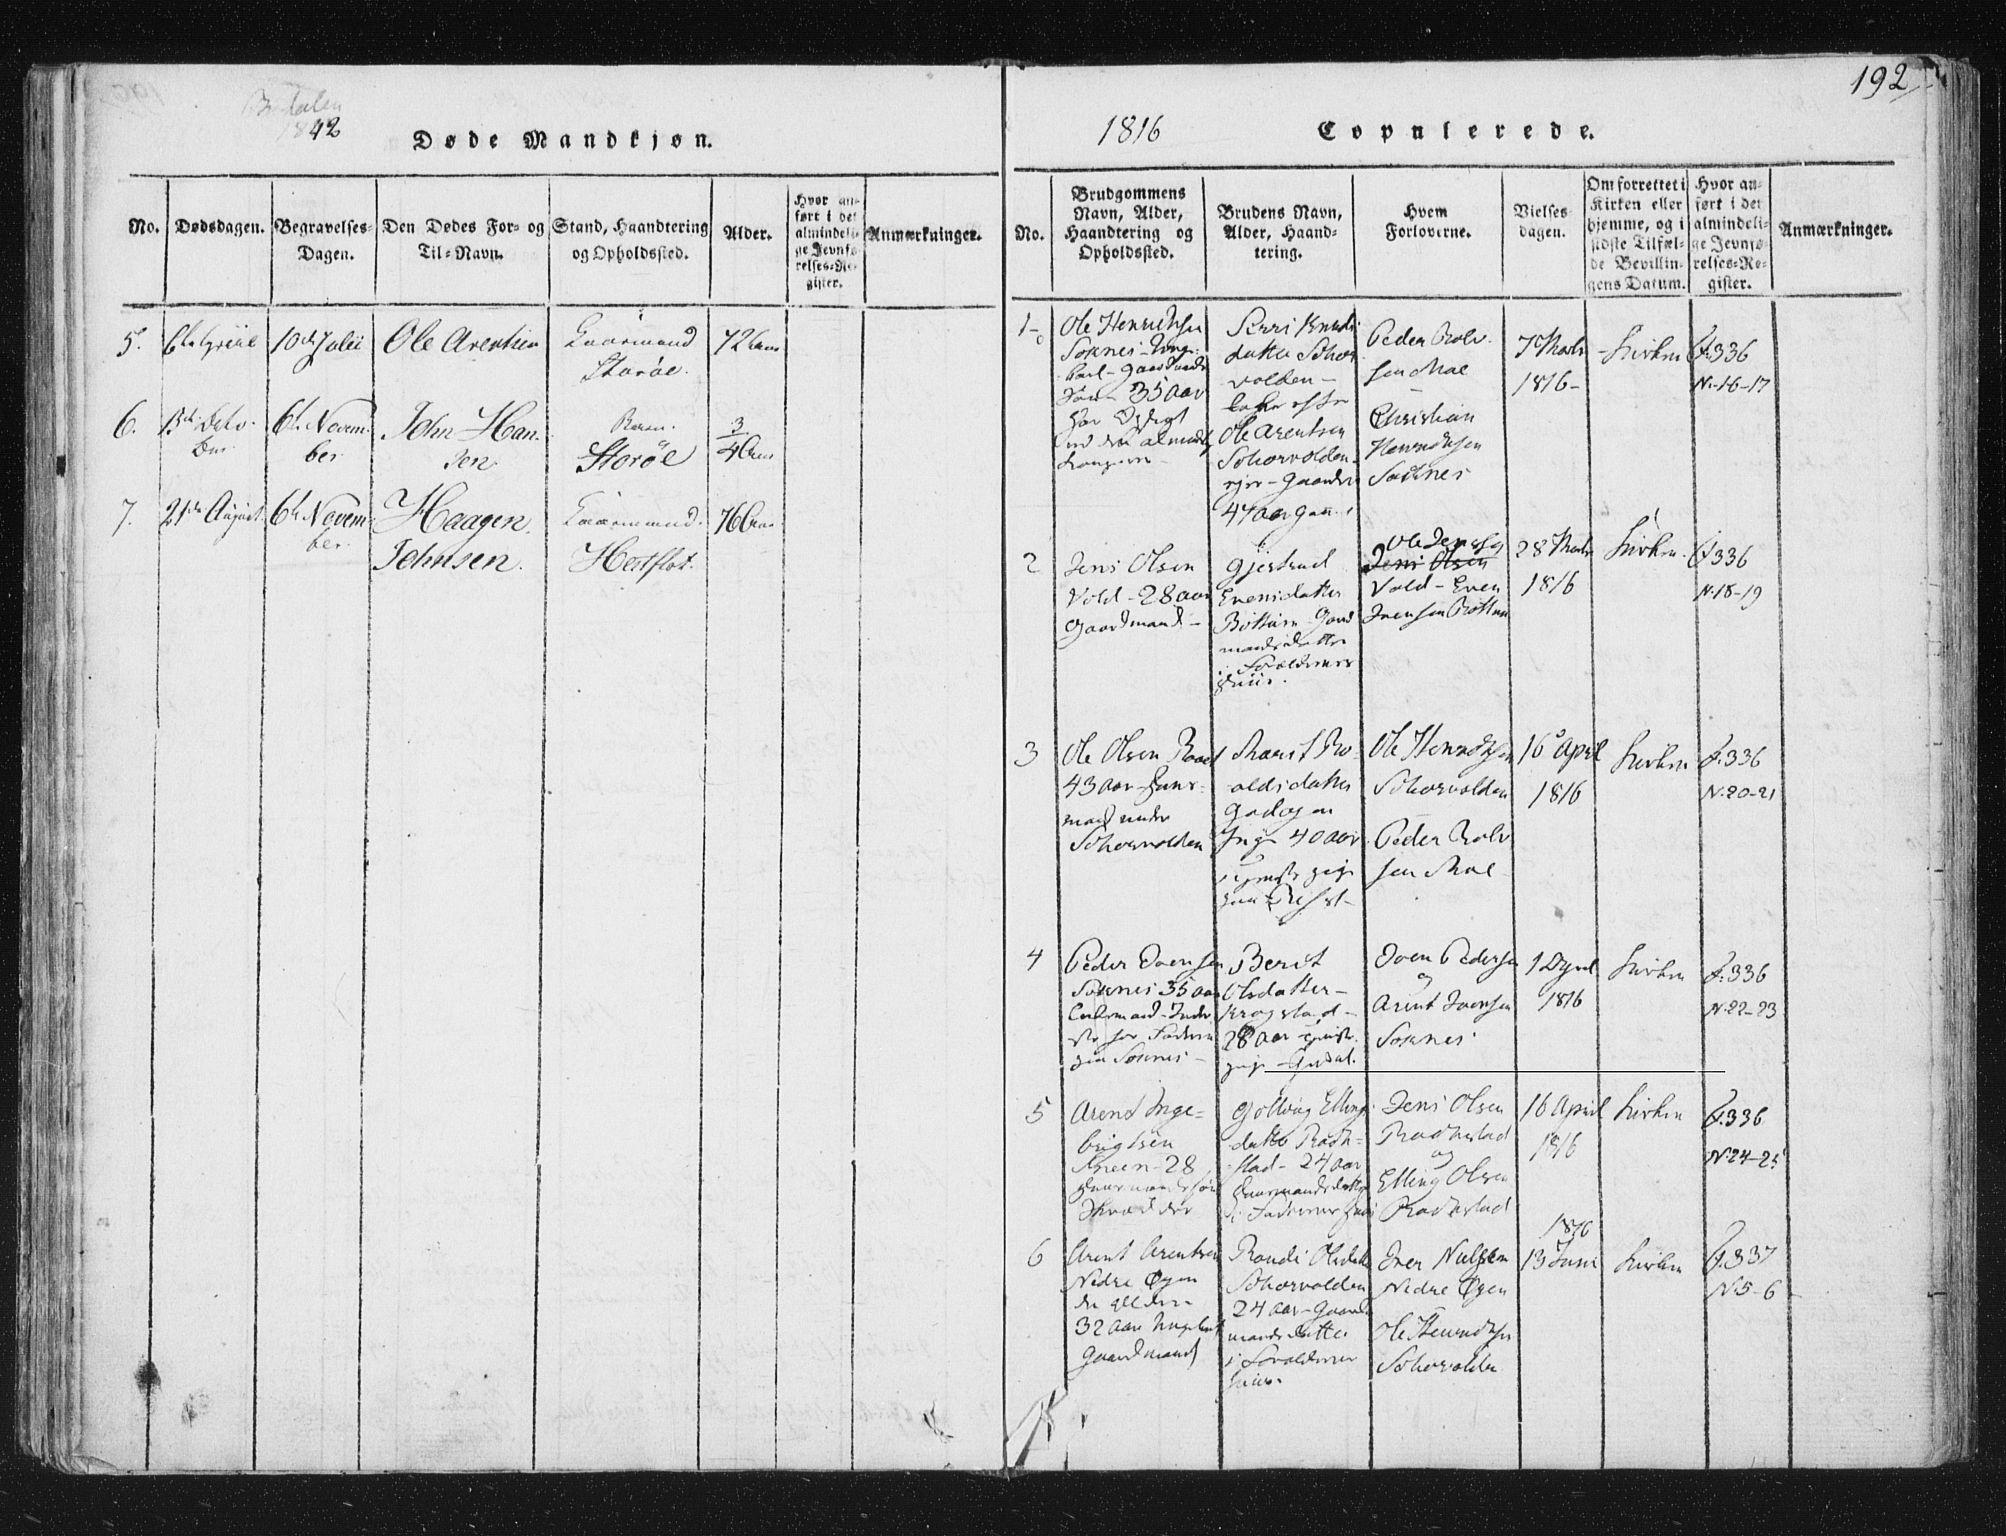 SAT, Ministerialprotokoller, klokkerbøker og fødselsregistre - Sør-Trøndelag, 687/L0996: Ministerialbok nr. 687A04, 1816-1842, s. 192